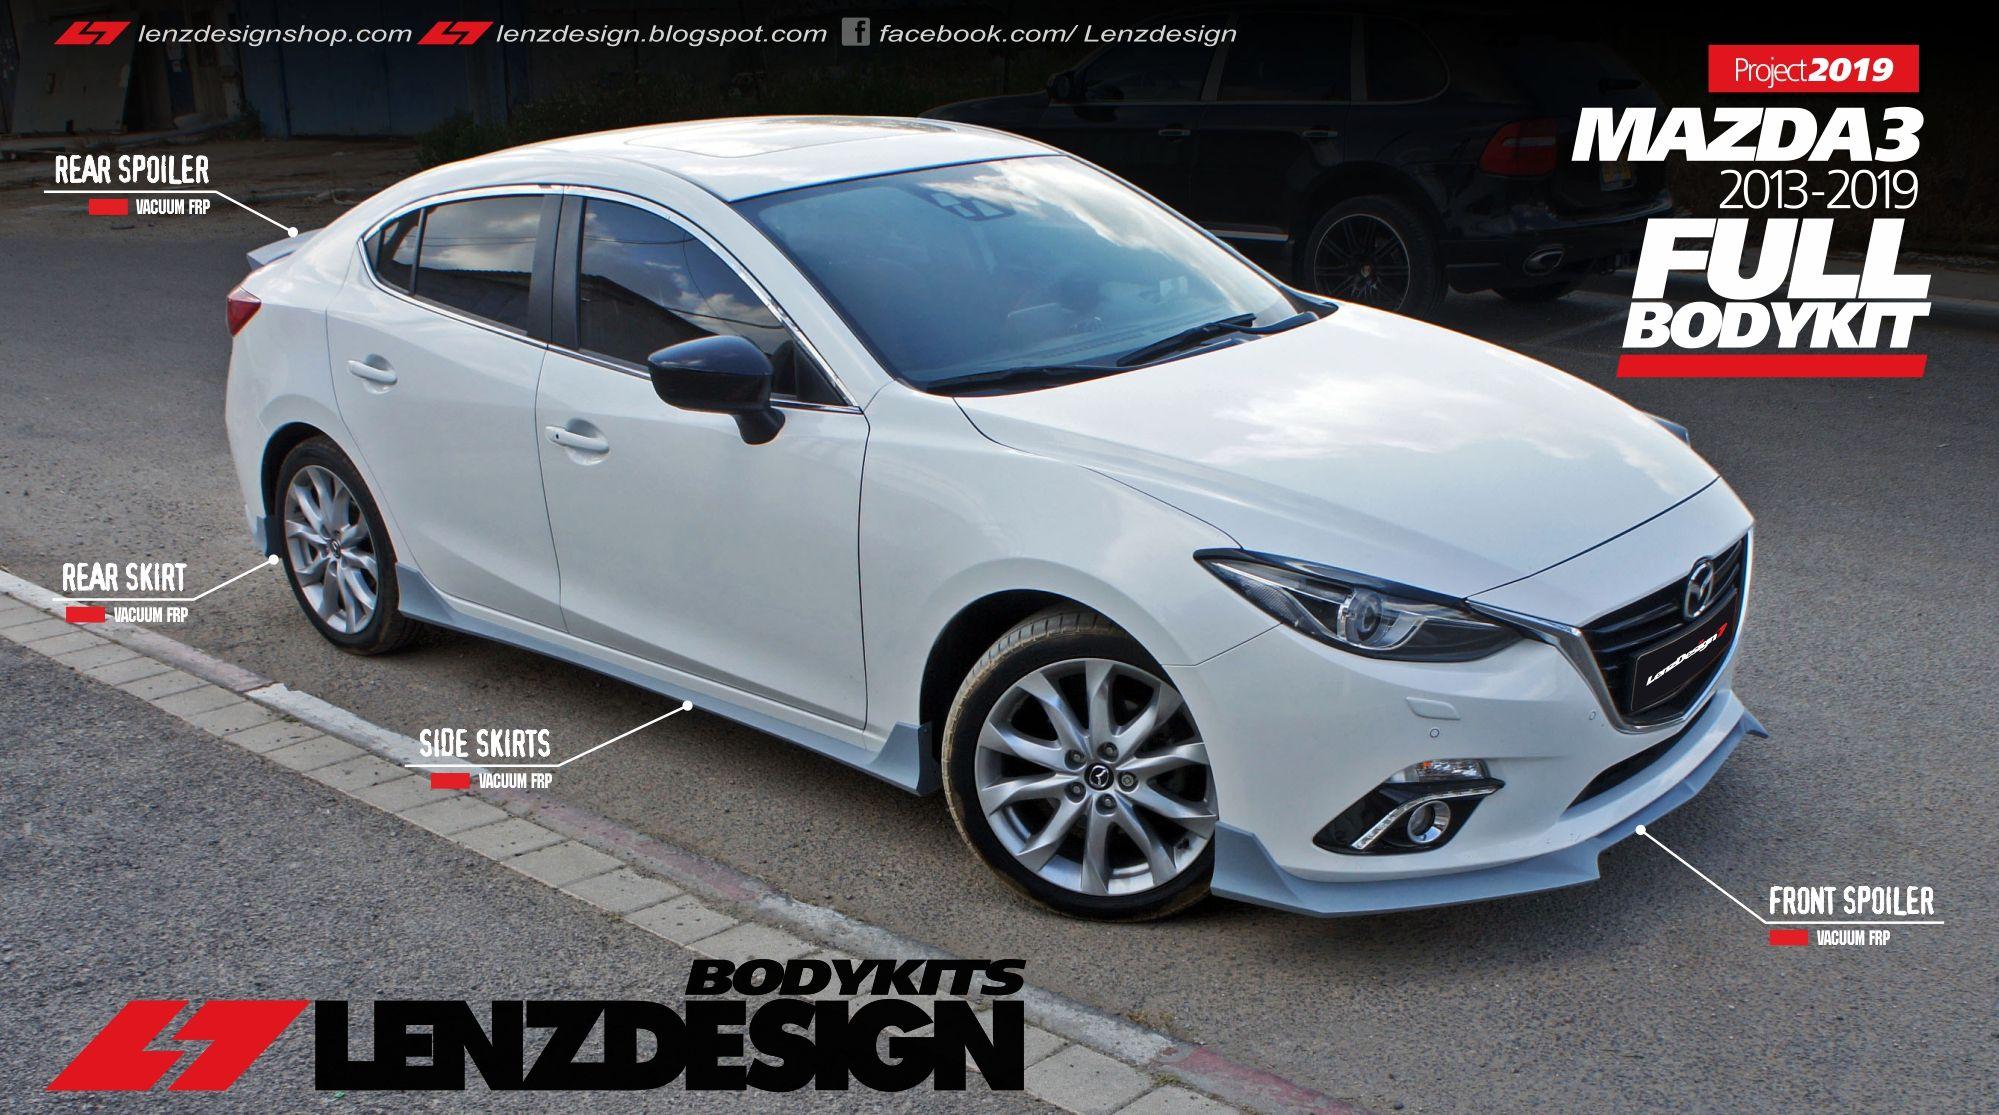 Kelebihan Kekurangan Mazda 3 Bm Top Model Tahun Ini